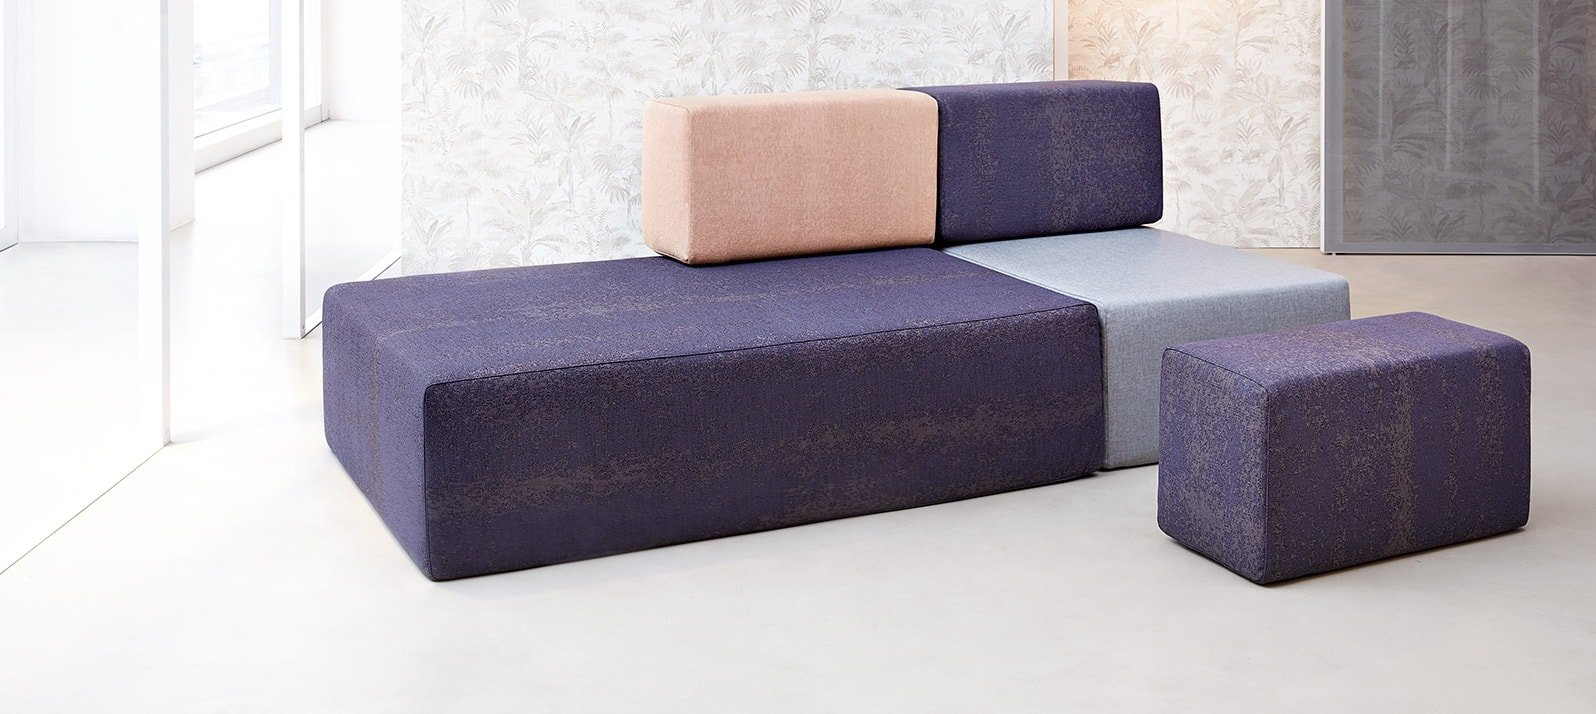 Rodolfo, modułowa sofa geometryczna